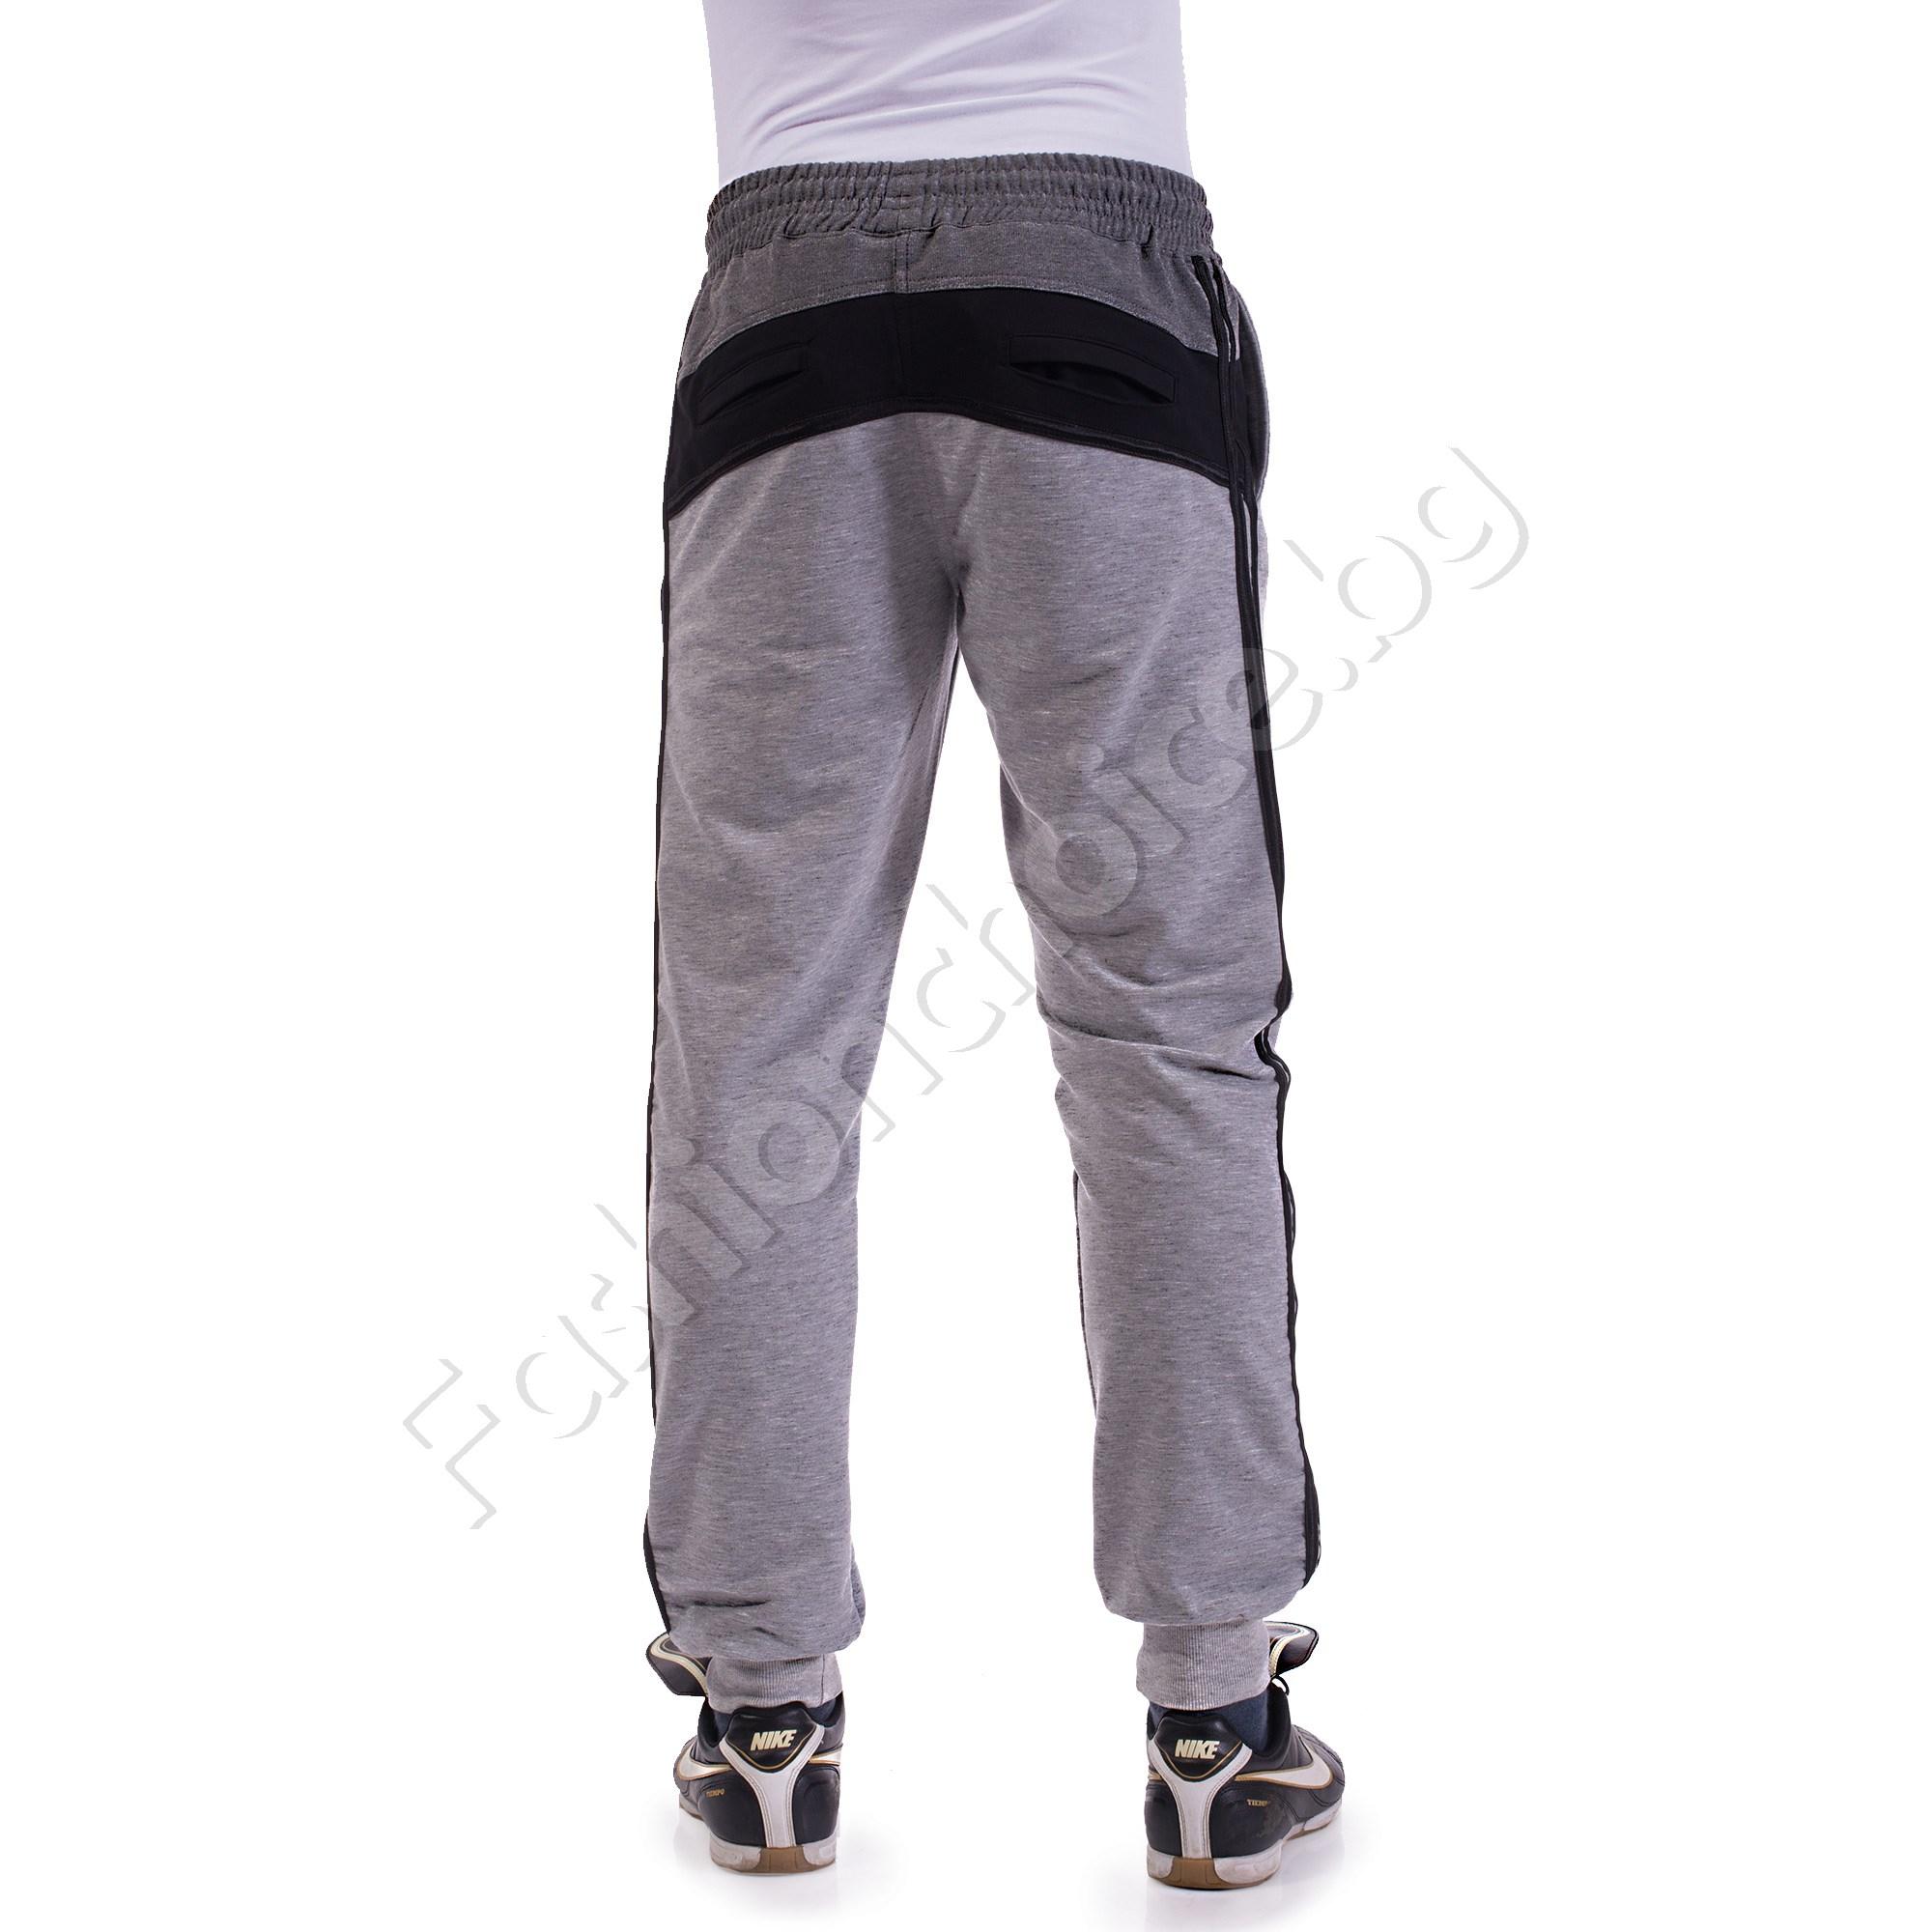 Мъжко спортно долнище с емблема от трико в три цвята